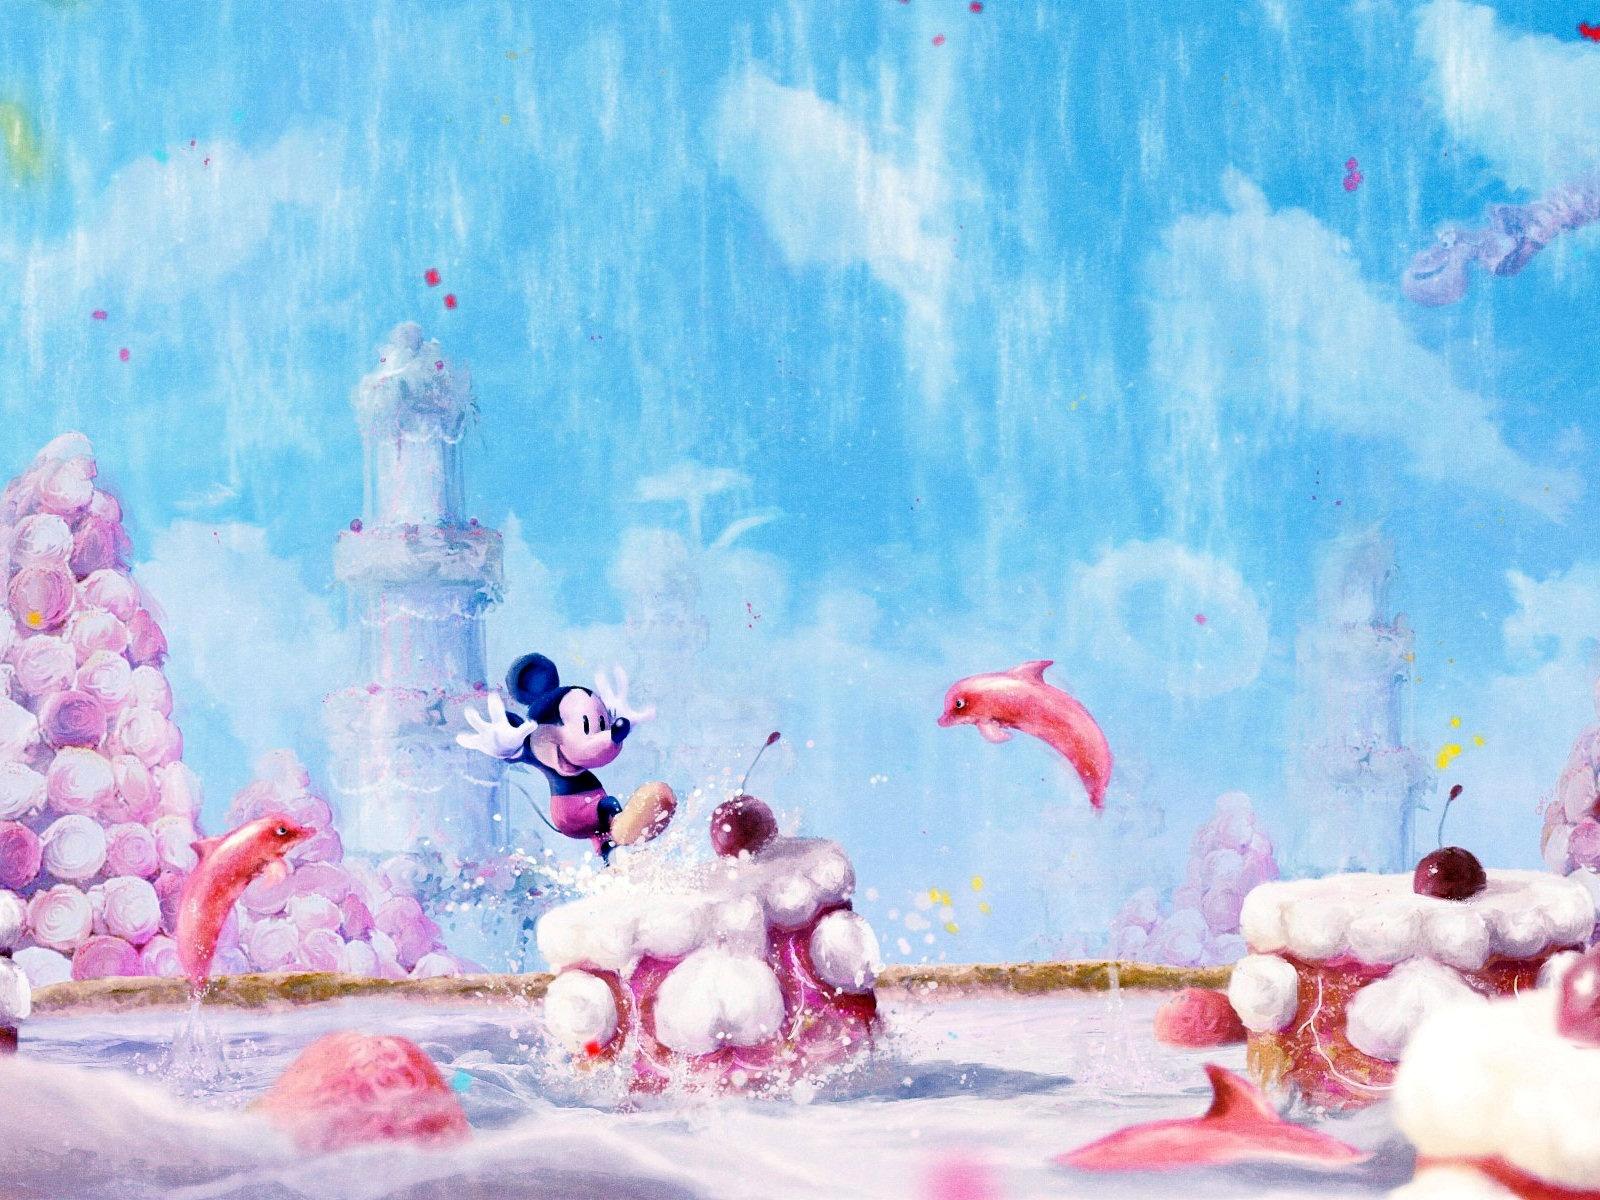 Free Disney Summer Wallpaper: Disney Summer Wallpaper